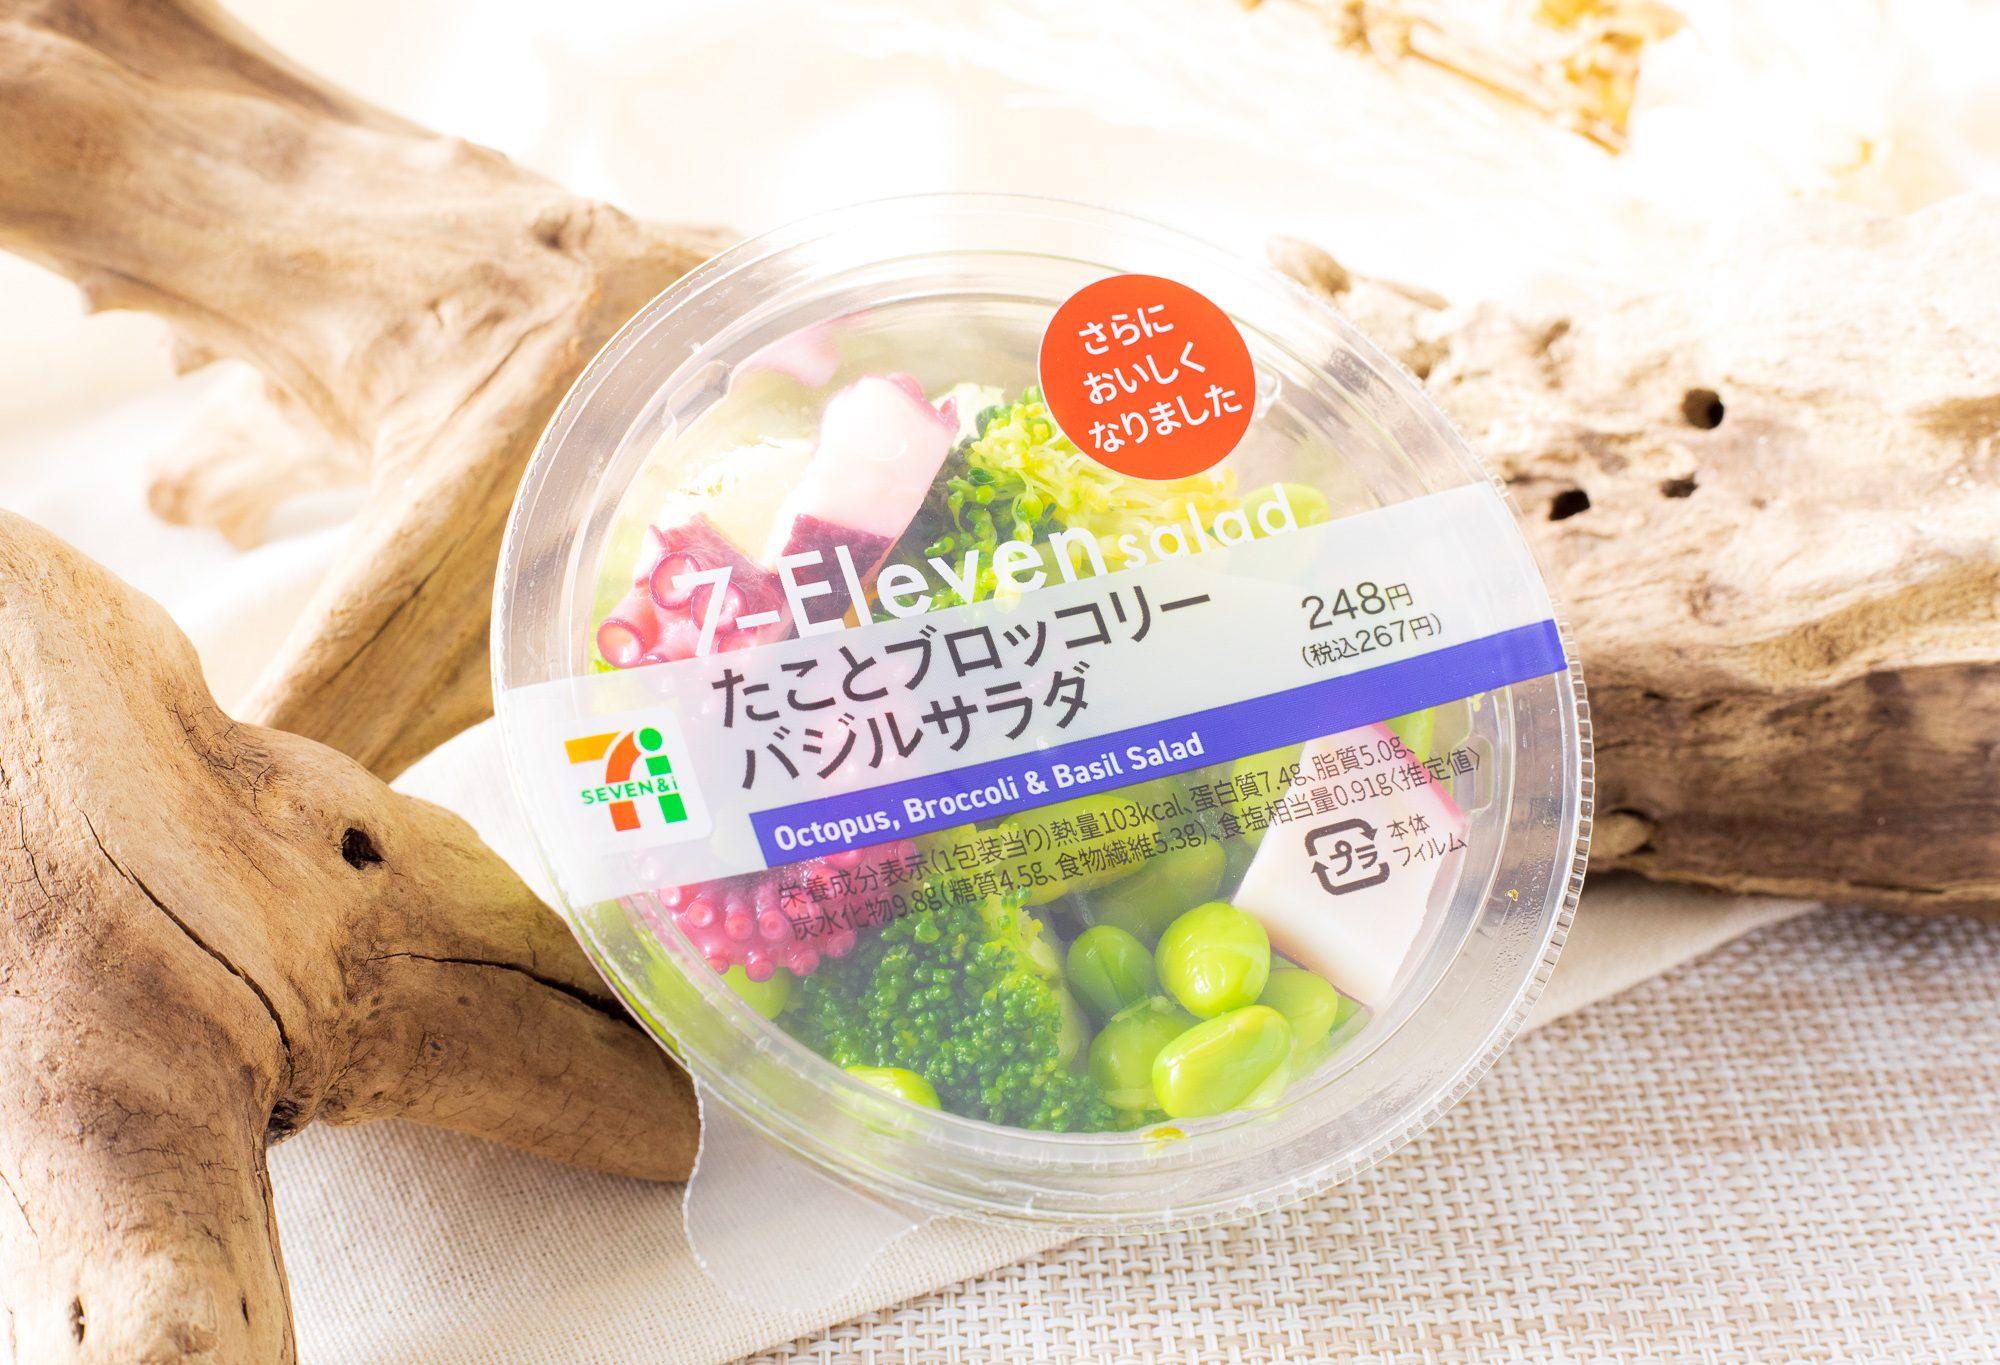 セブン-イレブン『たことブロッコリーバジルサラダ』は食感の良い具材が盛り沢山で宝石箱のようなカップ惣菜!